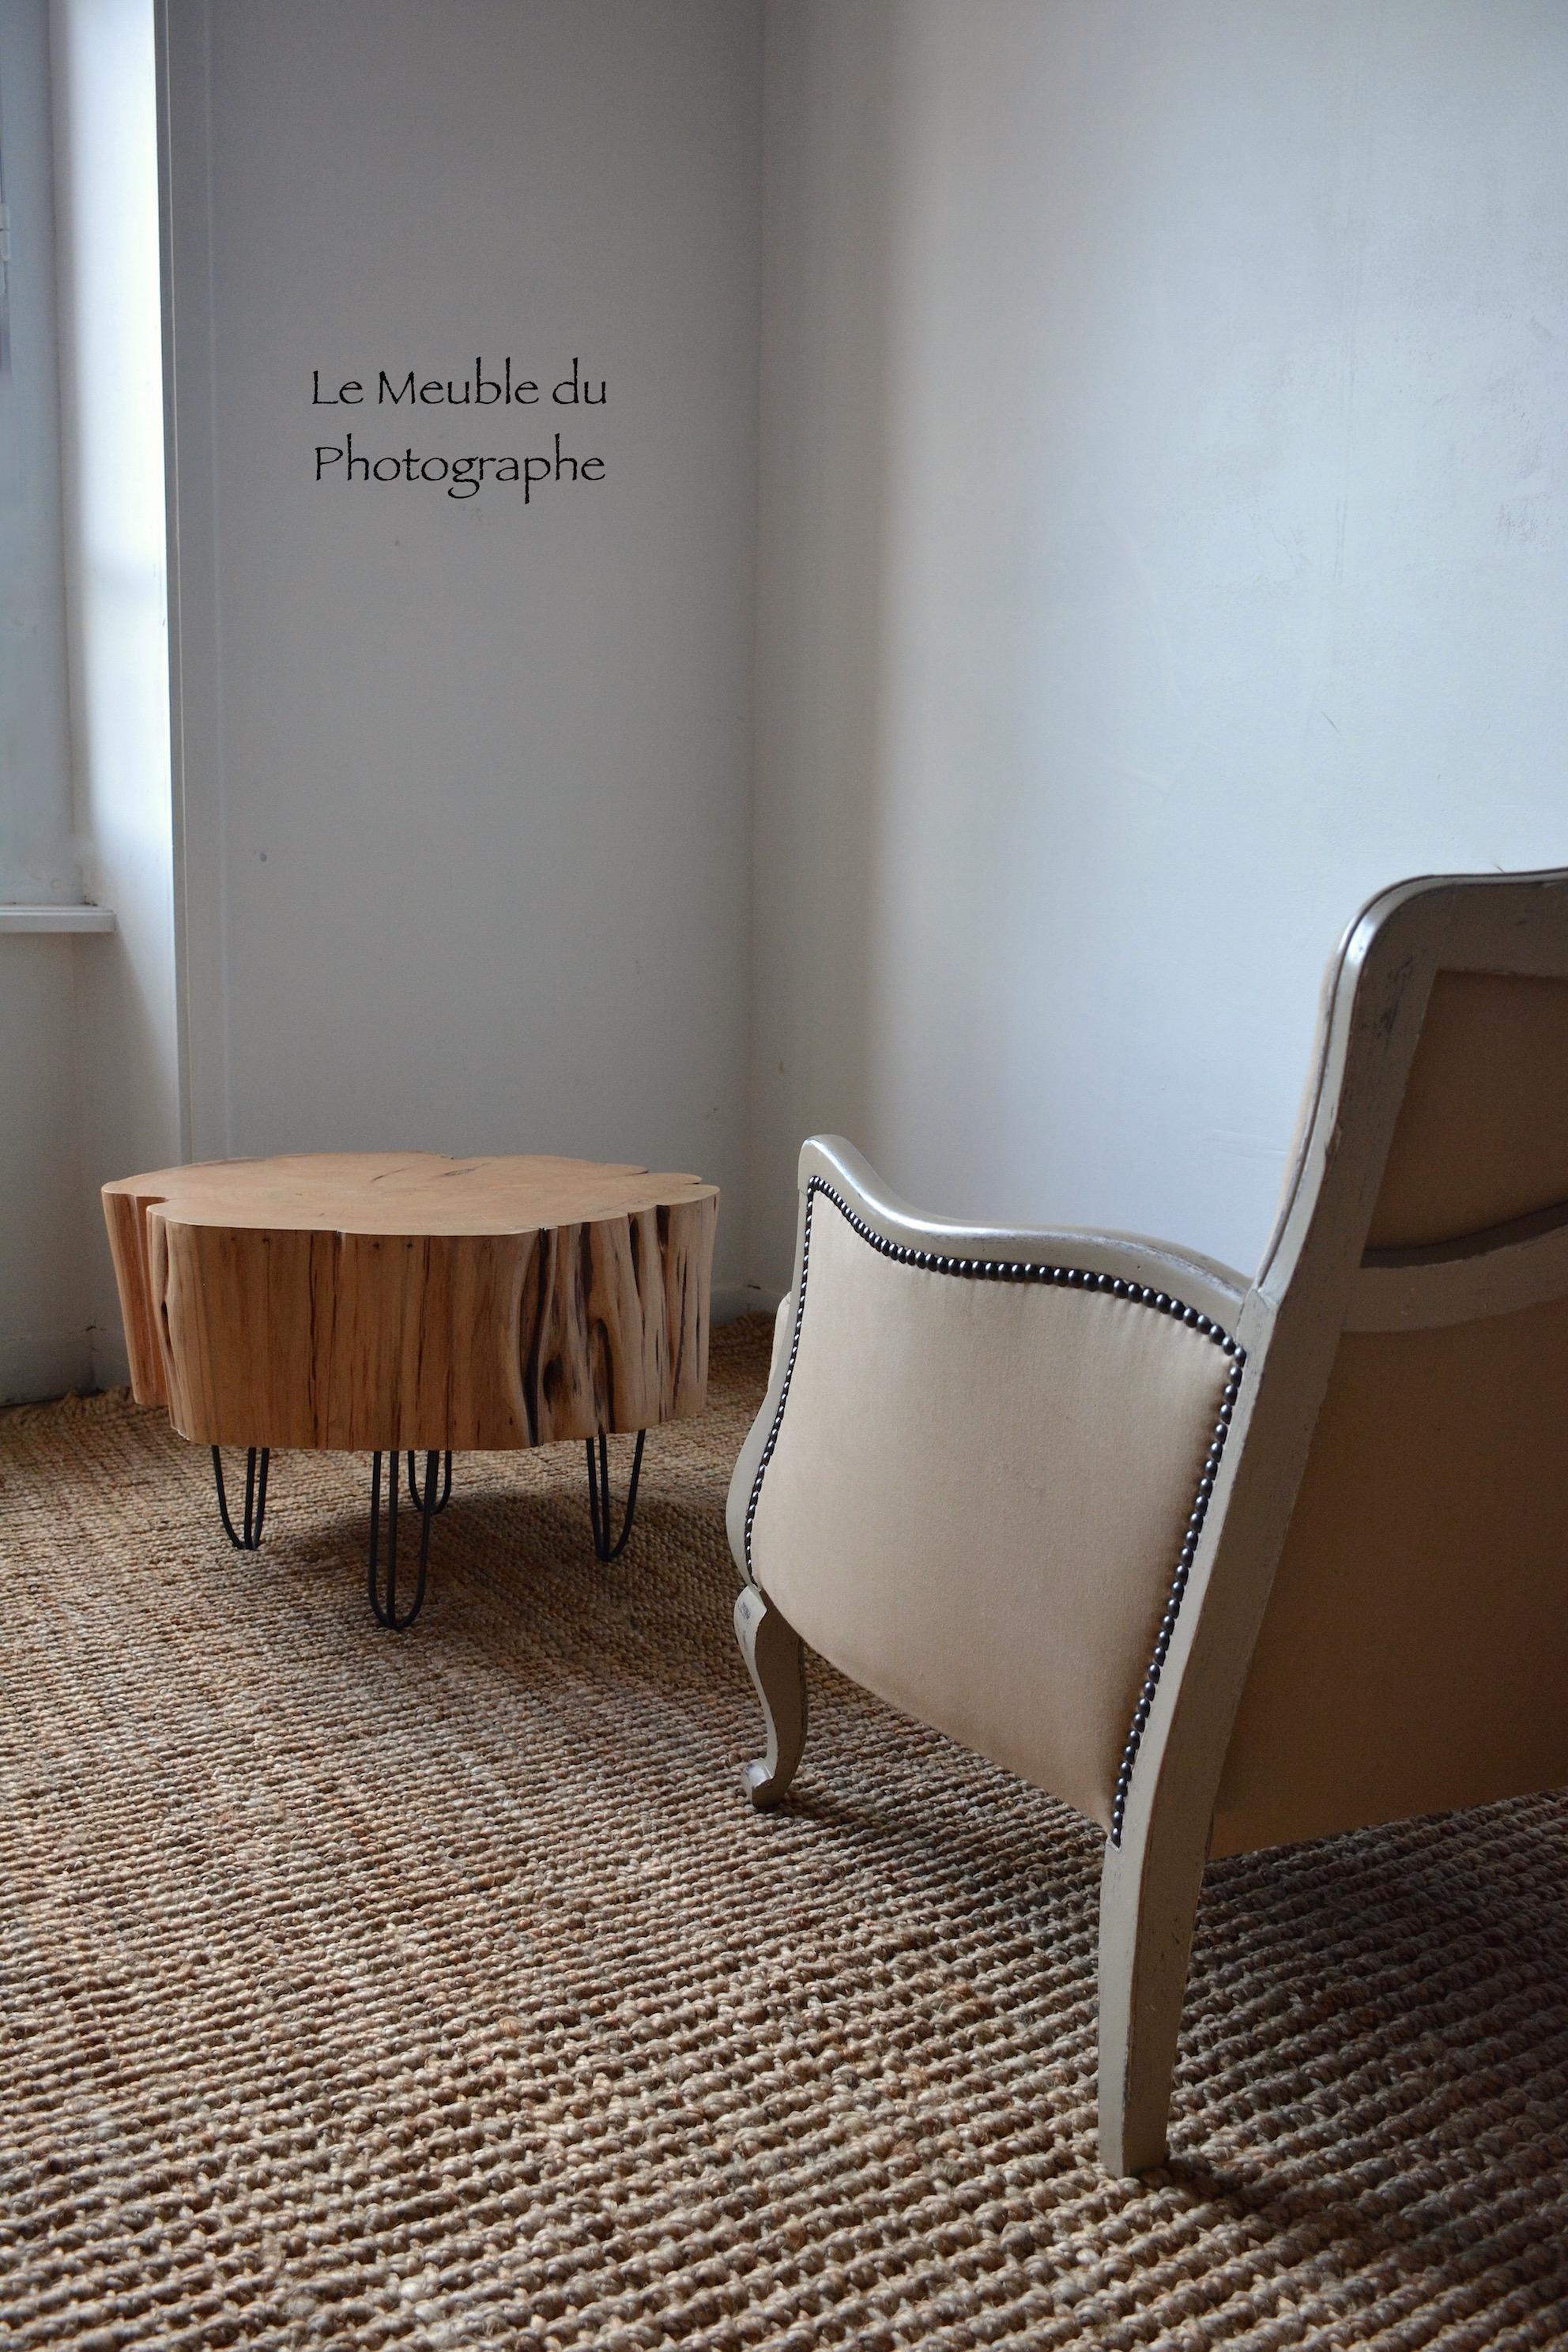 table basse rondin 60cm diam tre sur hairpin legs le meuble du photographe. Black Bedroom Furniture Sets. Home Design Ideas